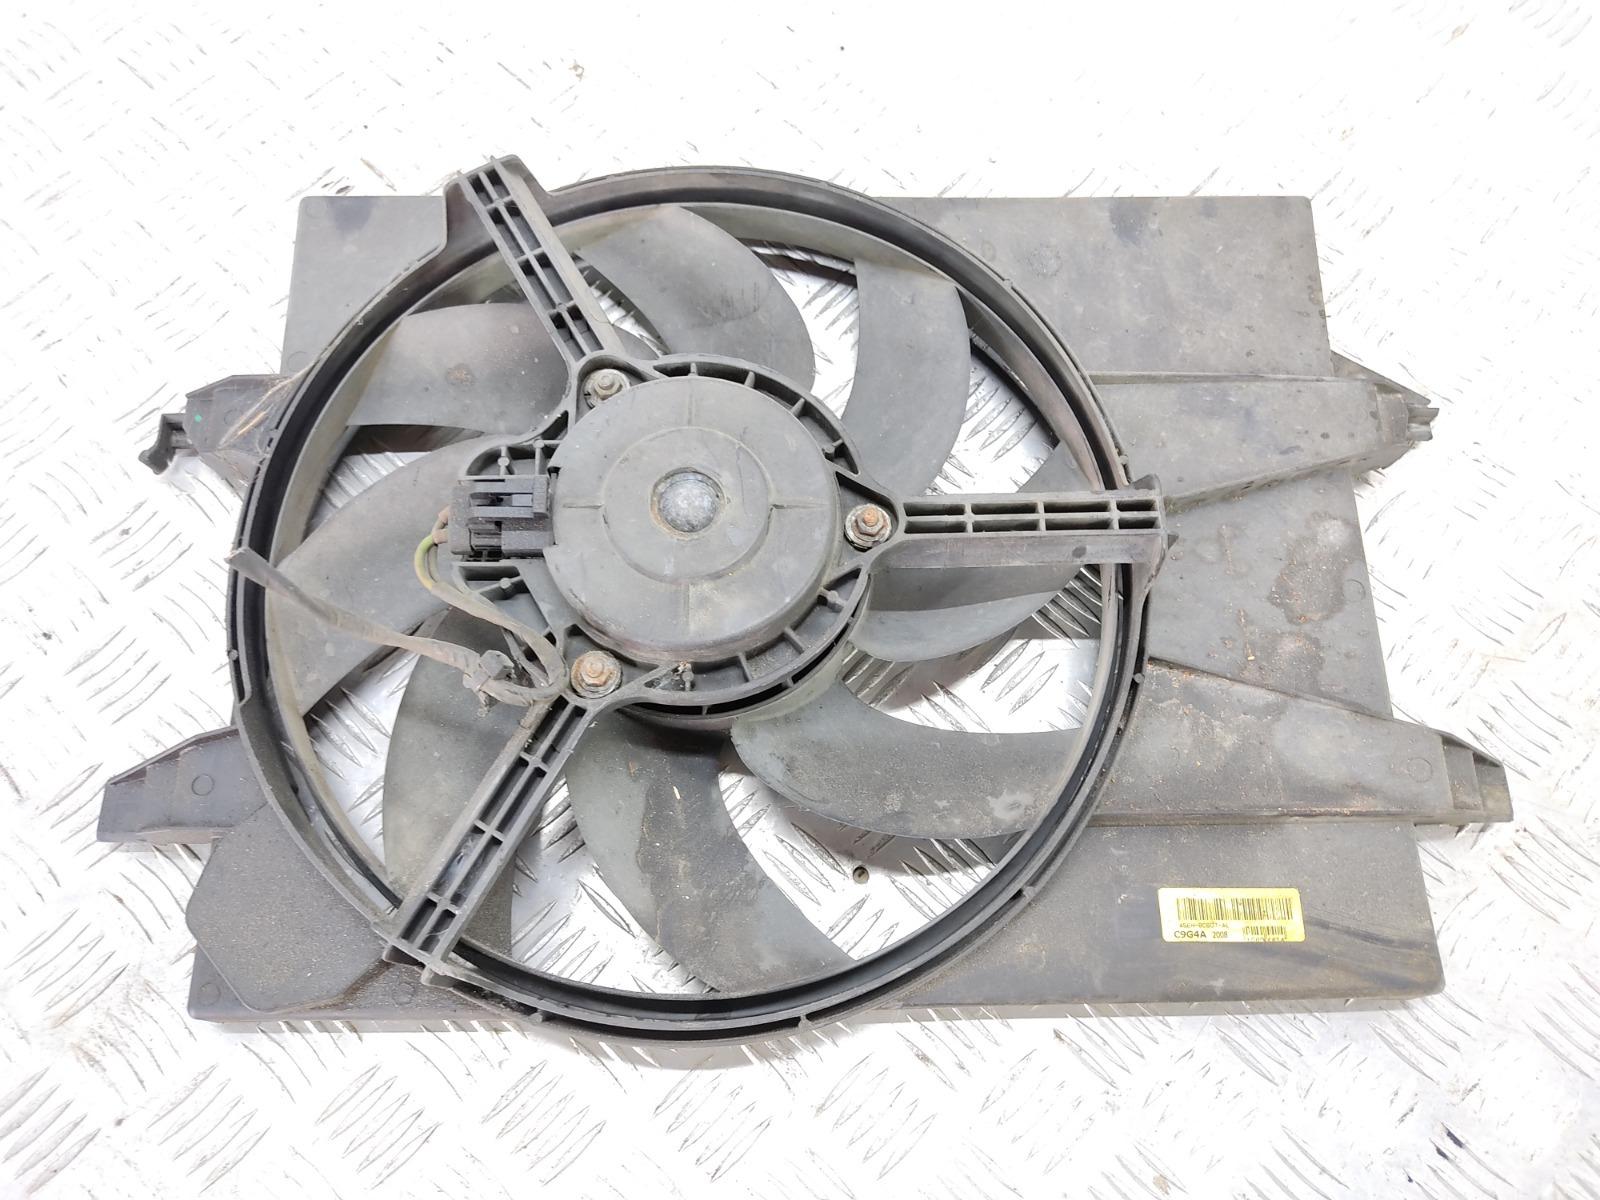 Вентилятор радиатора Ford Fiesta 1.6 I 2008 (б/у)